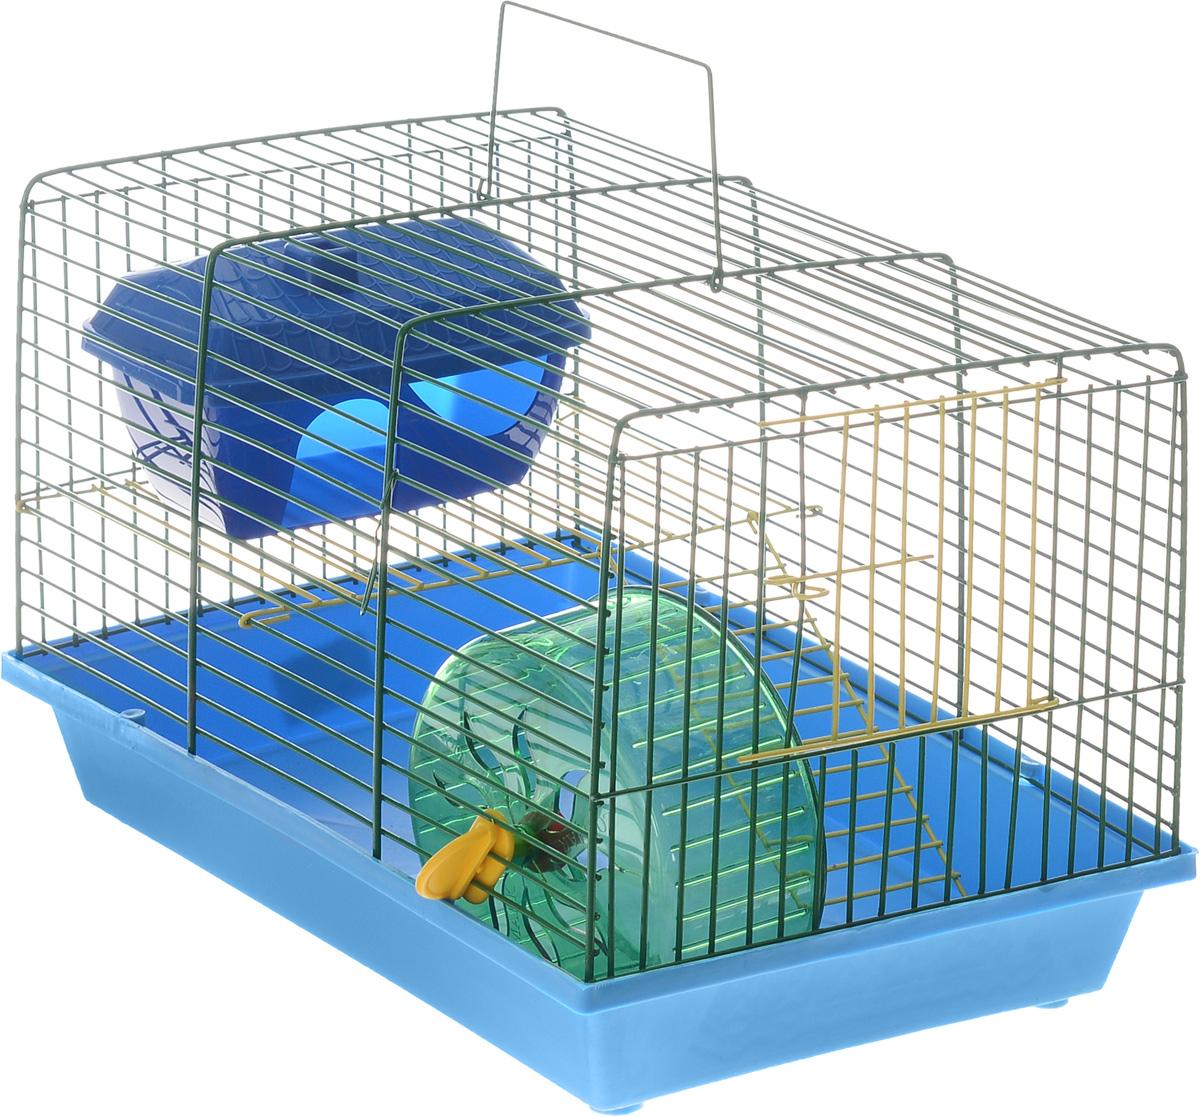 Клетка для грызунов ЗооМарк, 2-этажная, цвет: синий поддон, зеленая решетка, 36 х 22 х 24 смВТсКлетка ЗооМарк, выполненная из полипропилена и металла, подходит для мелких грызунов. Изделие двухэтажное, оборудовано колесом для подвижных игр и пластиковым домиком. Клетка имеет яркий поддон, удобна в использовании и легко чистится. Сверху имеется ручка для переноски, а сбоку удобная дверца.Такая клетка станет уединенным личным пространством и уютным домиком для маленького грызуна.